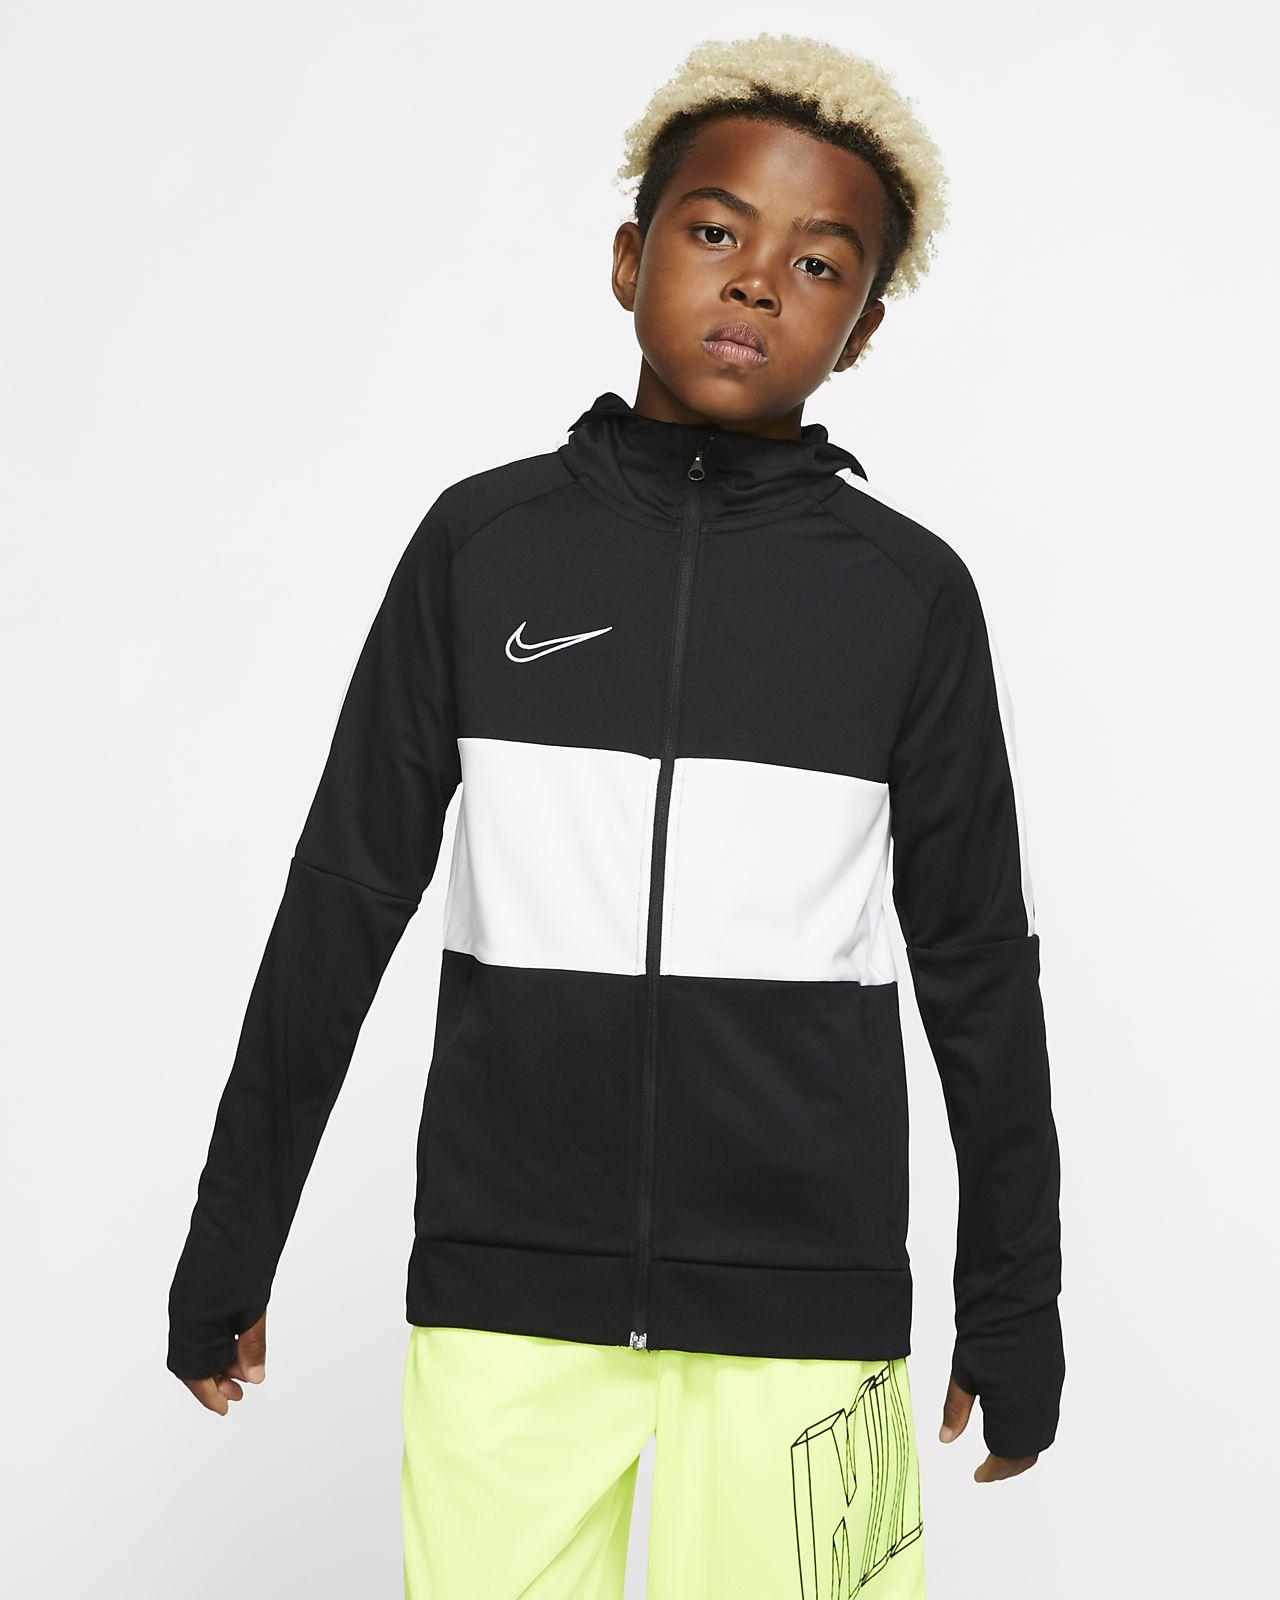 Nike Dri FIT Academy Voetbaljack voor kids